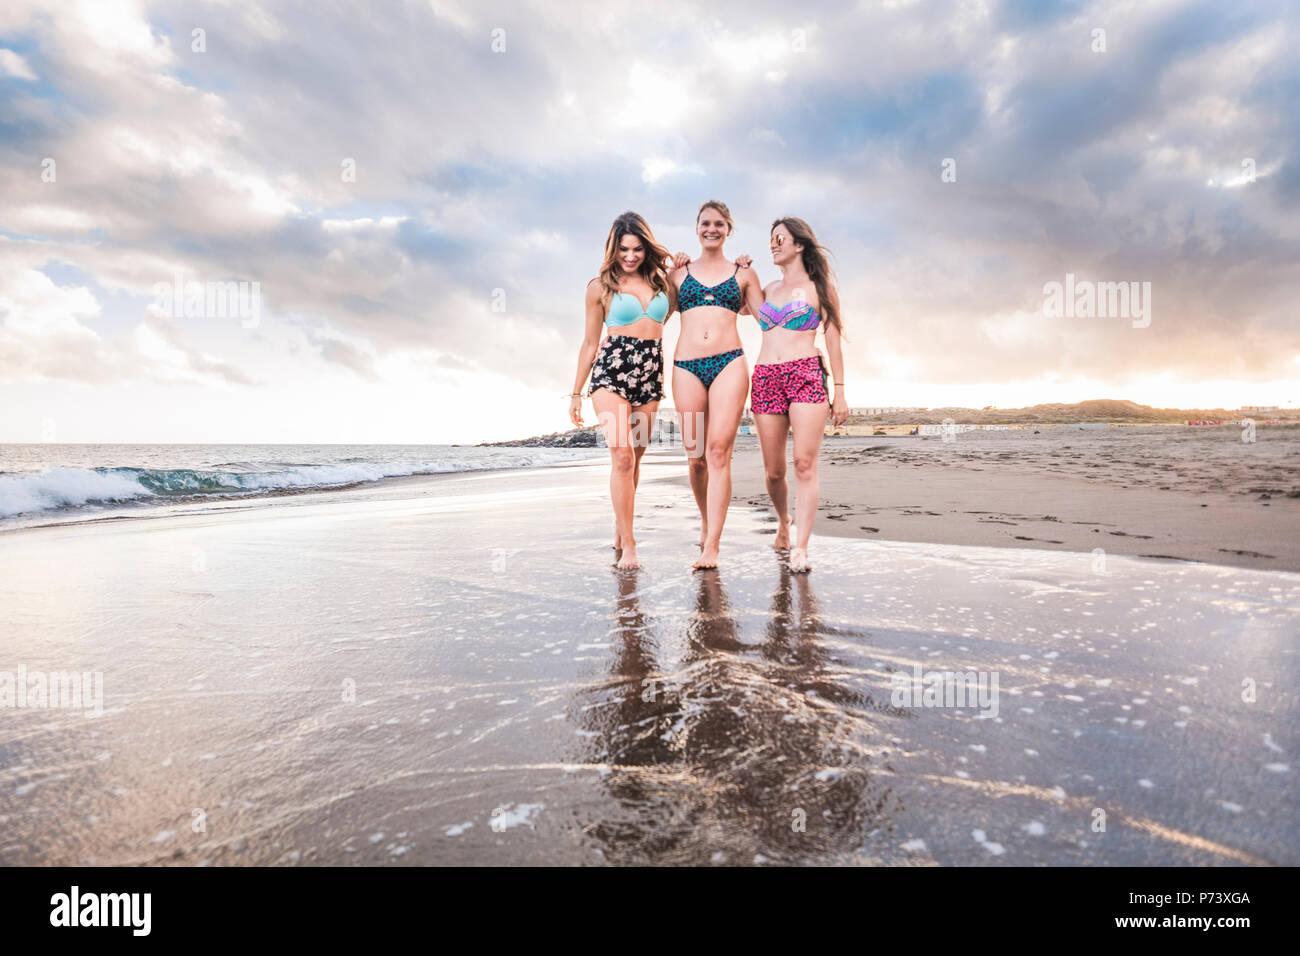 Tre allegro belle ragazze giovani donne a camminare in amicizia e avente un bel tempo insieme. vacanza e popolazione caucasica godendo. la felicità di un Immagini Stock